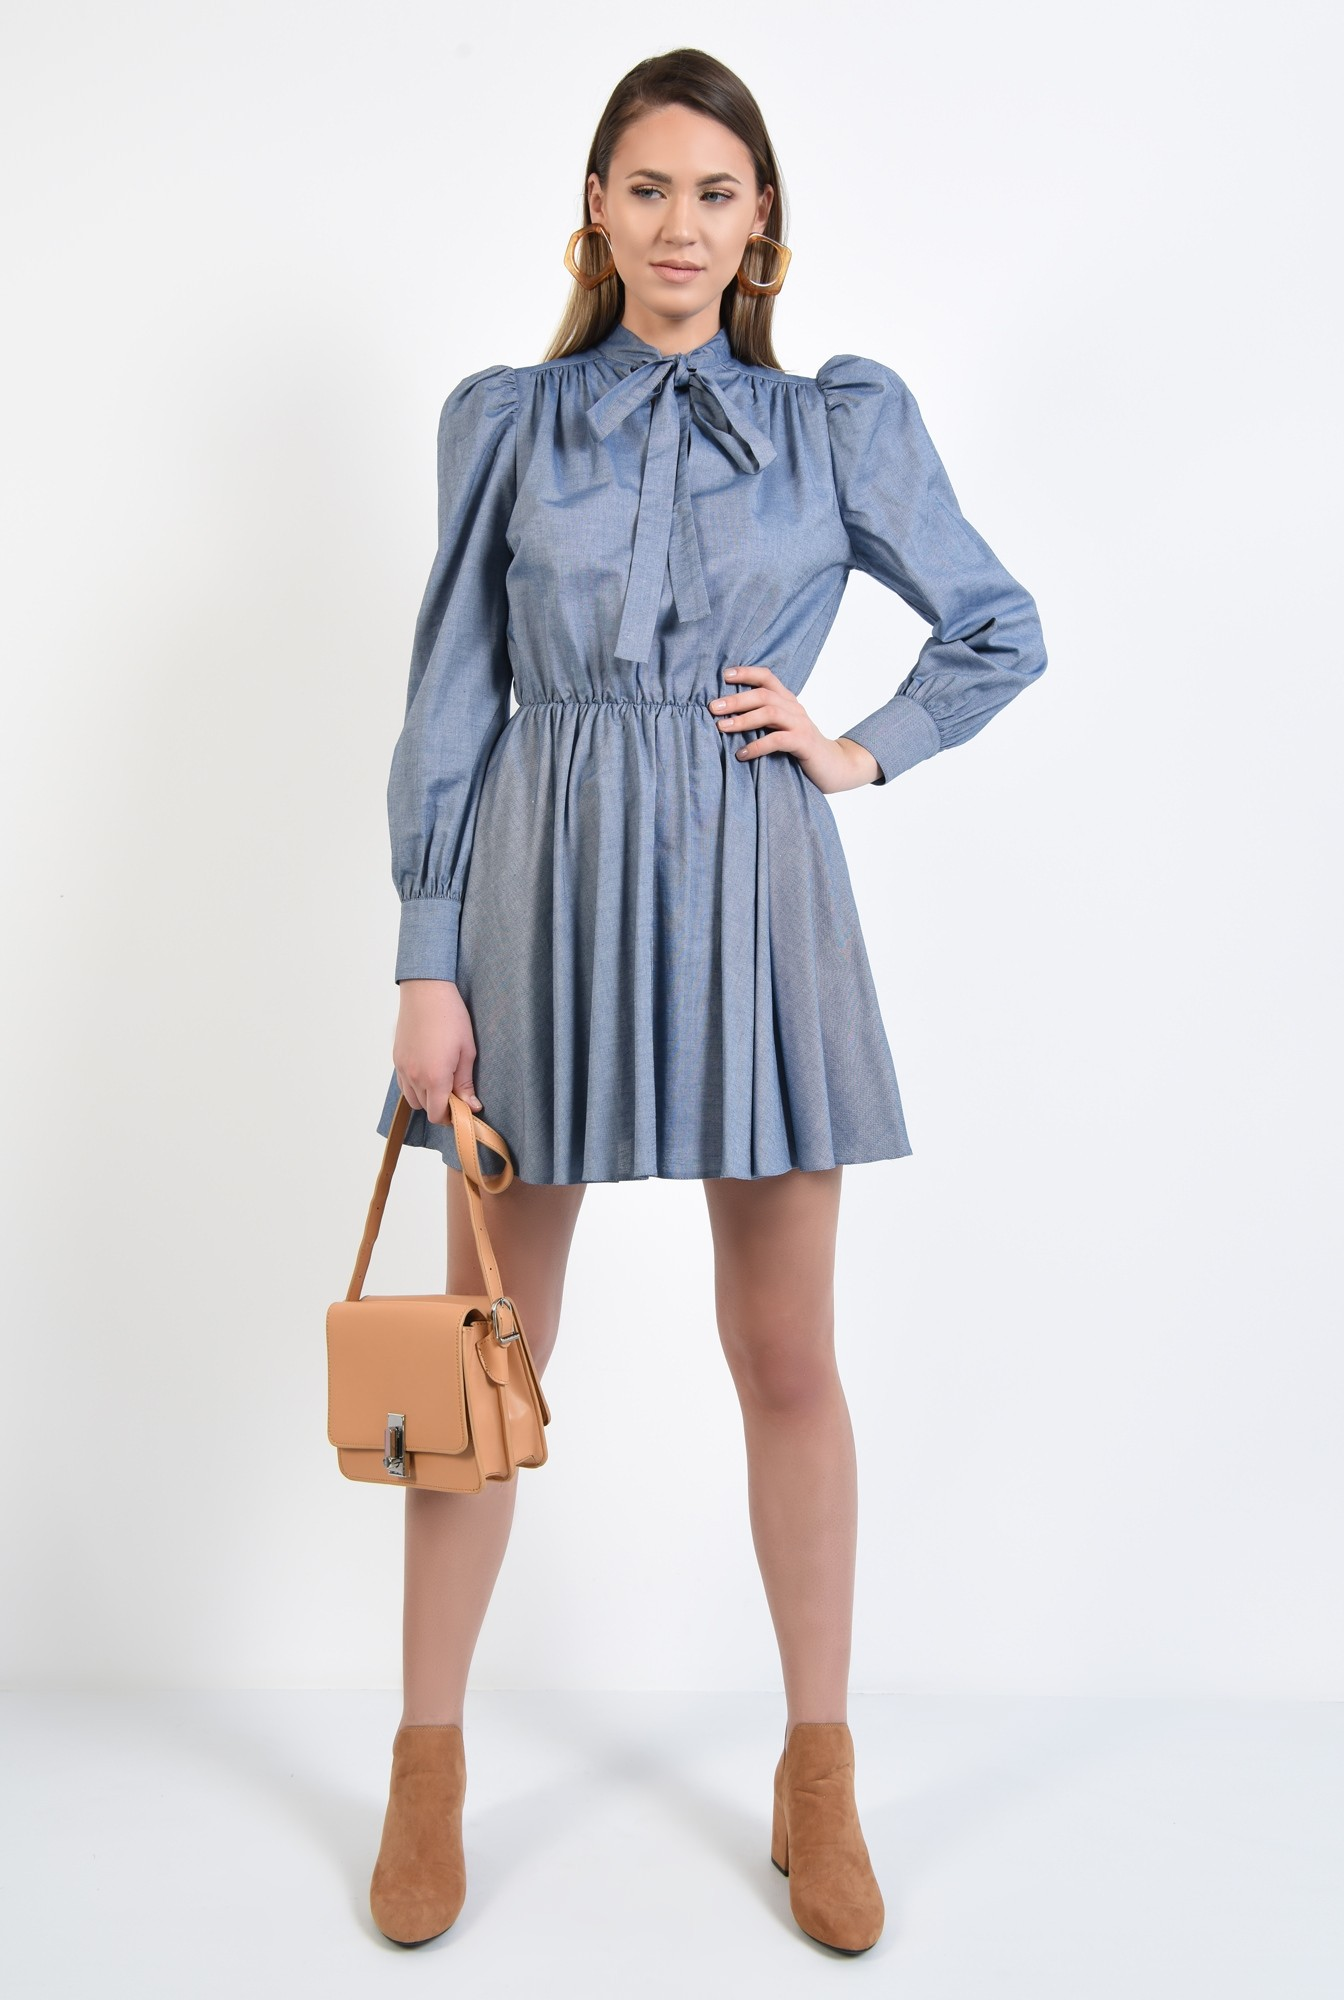 3 - rochie casual, bleu, scurta, evazata, funda cu la gat